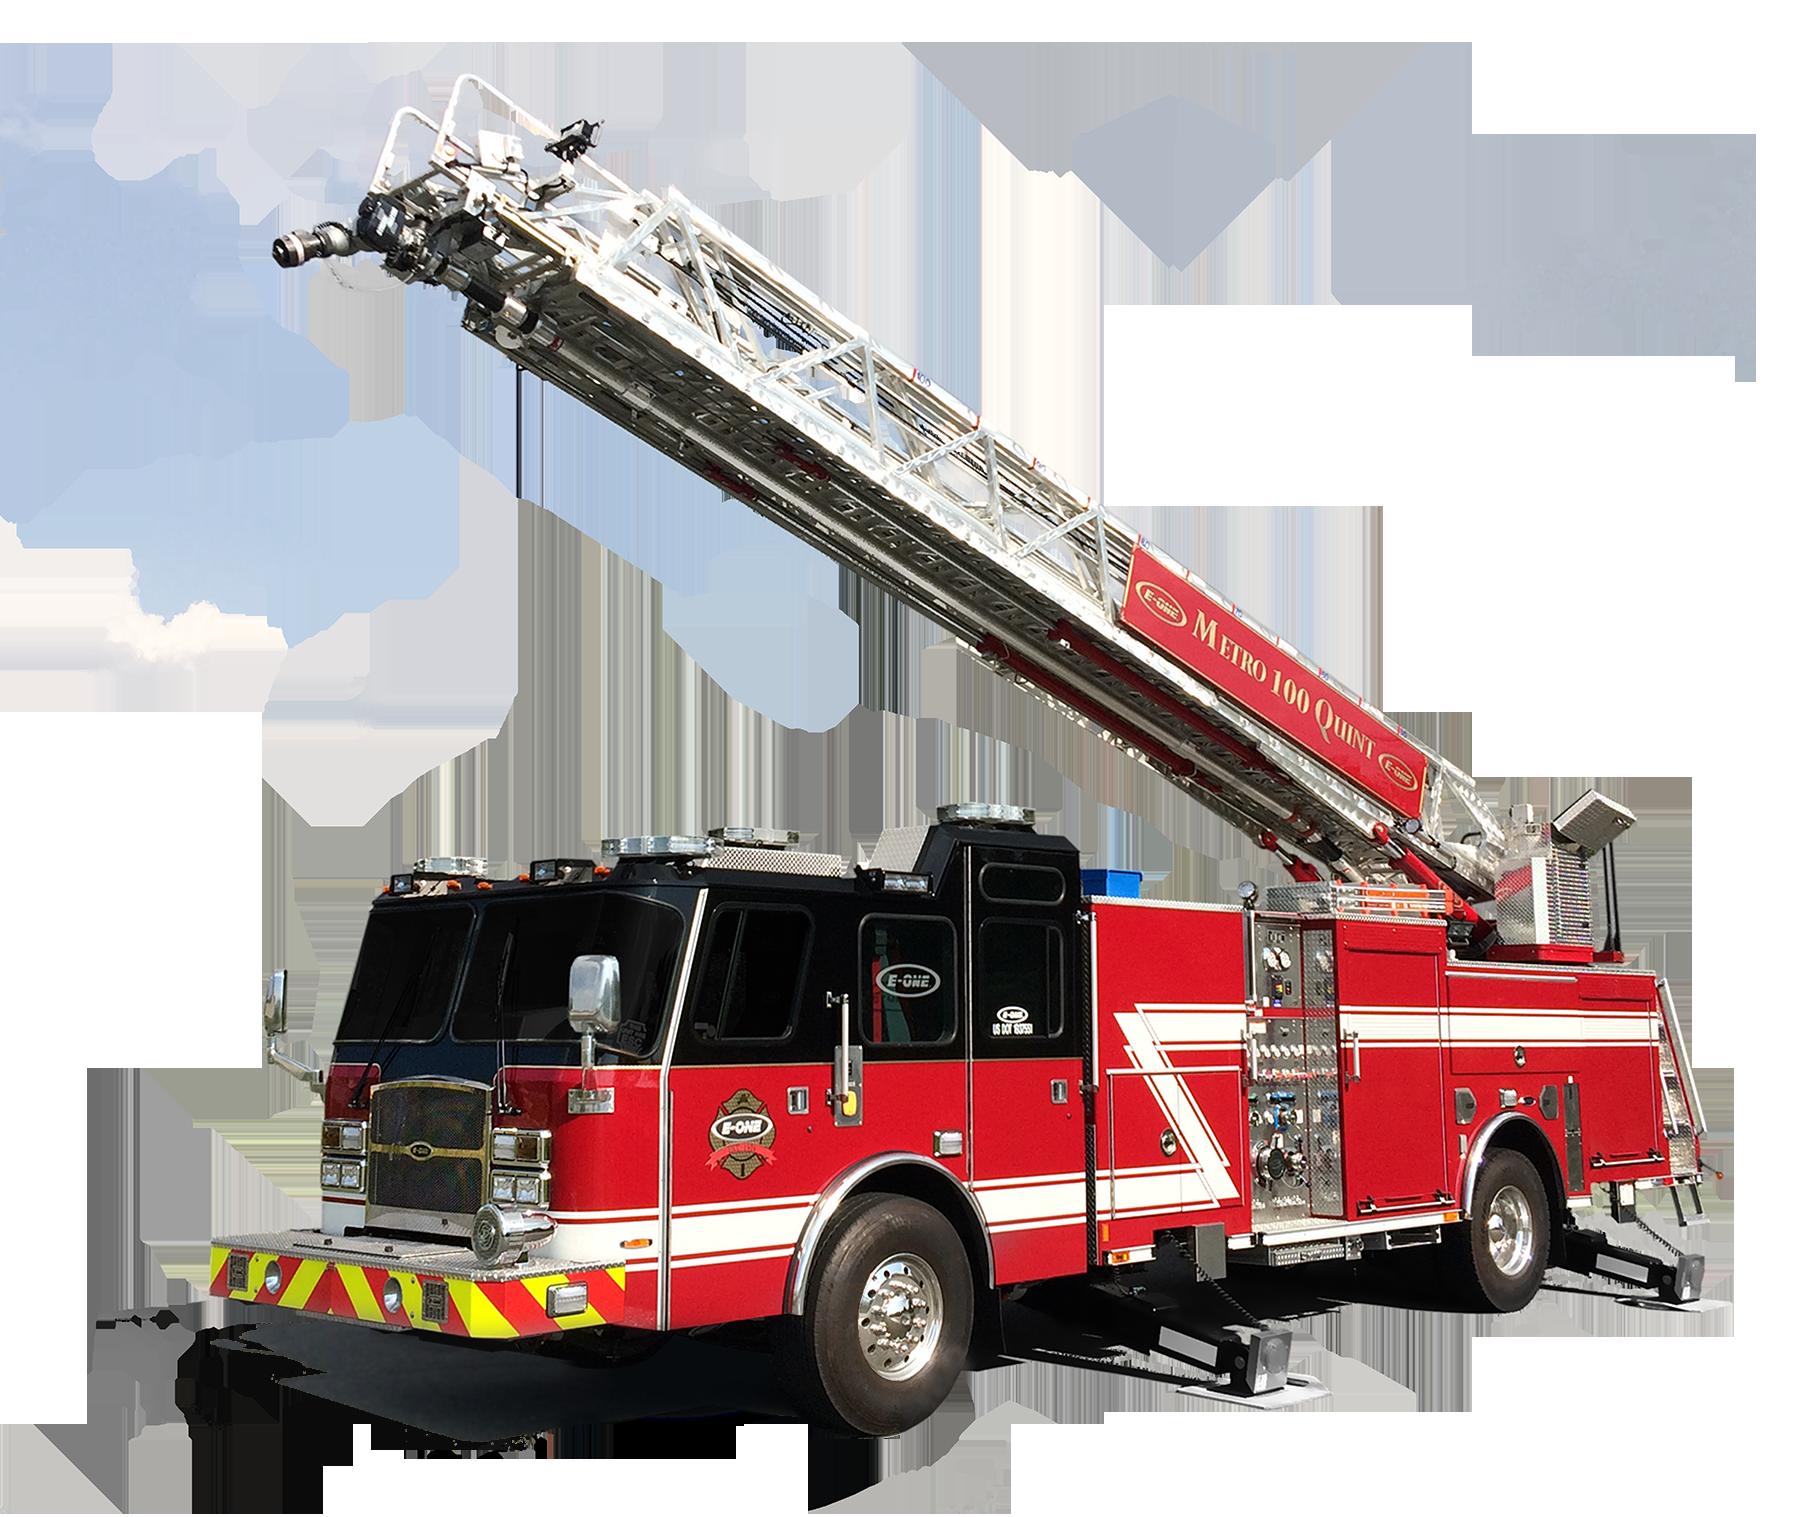 Fire engine Clip art Image E.